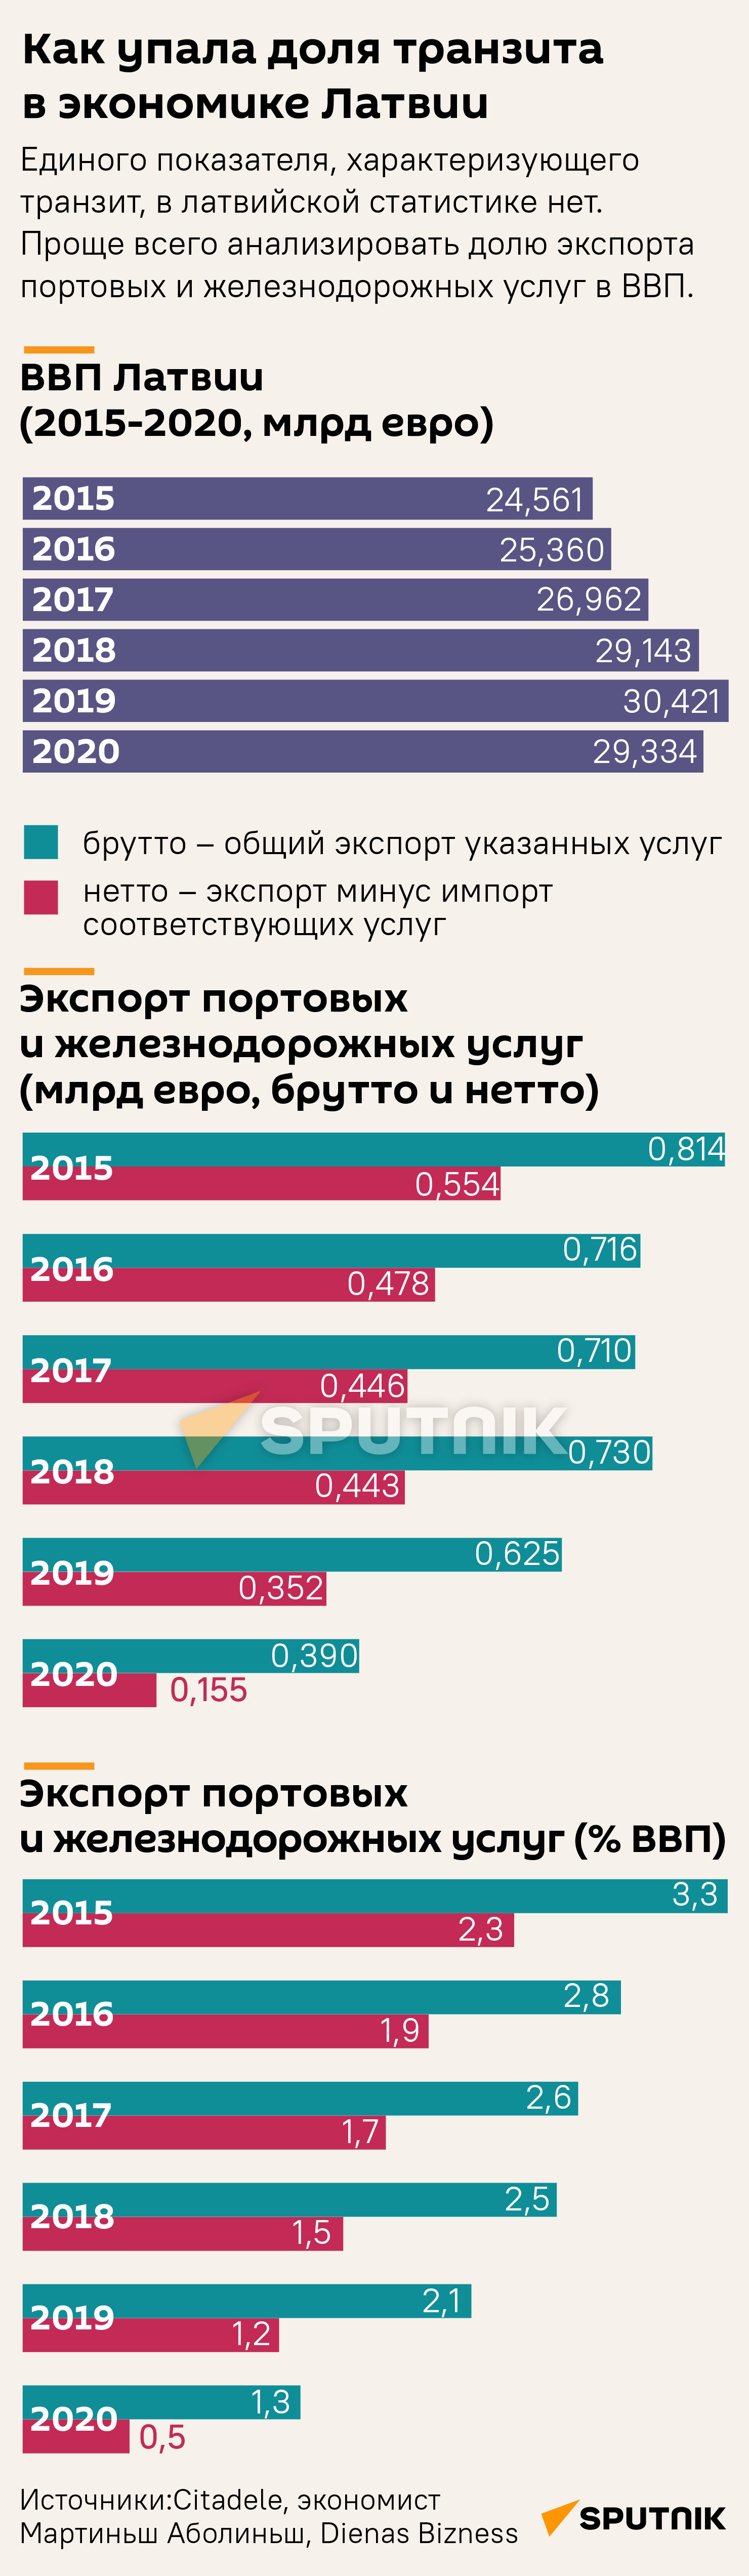 Как упала доля транзита в экономике Латвии  - Sputnik Латвия